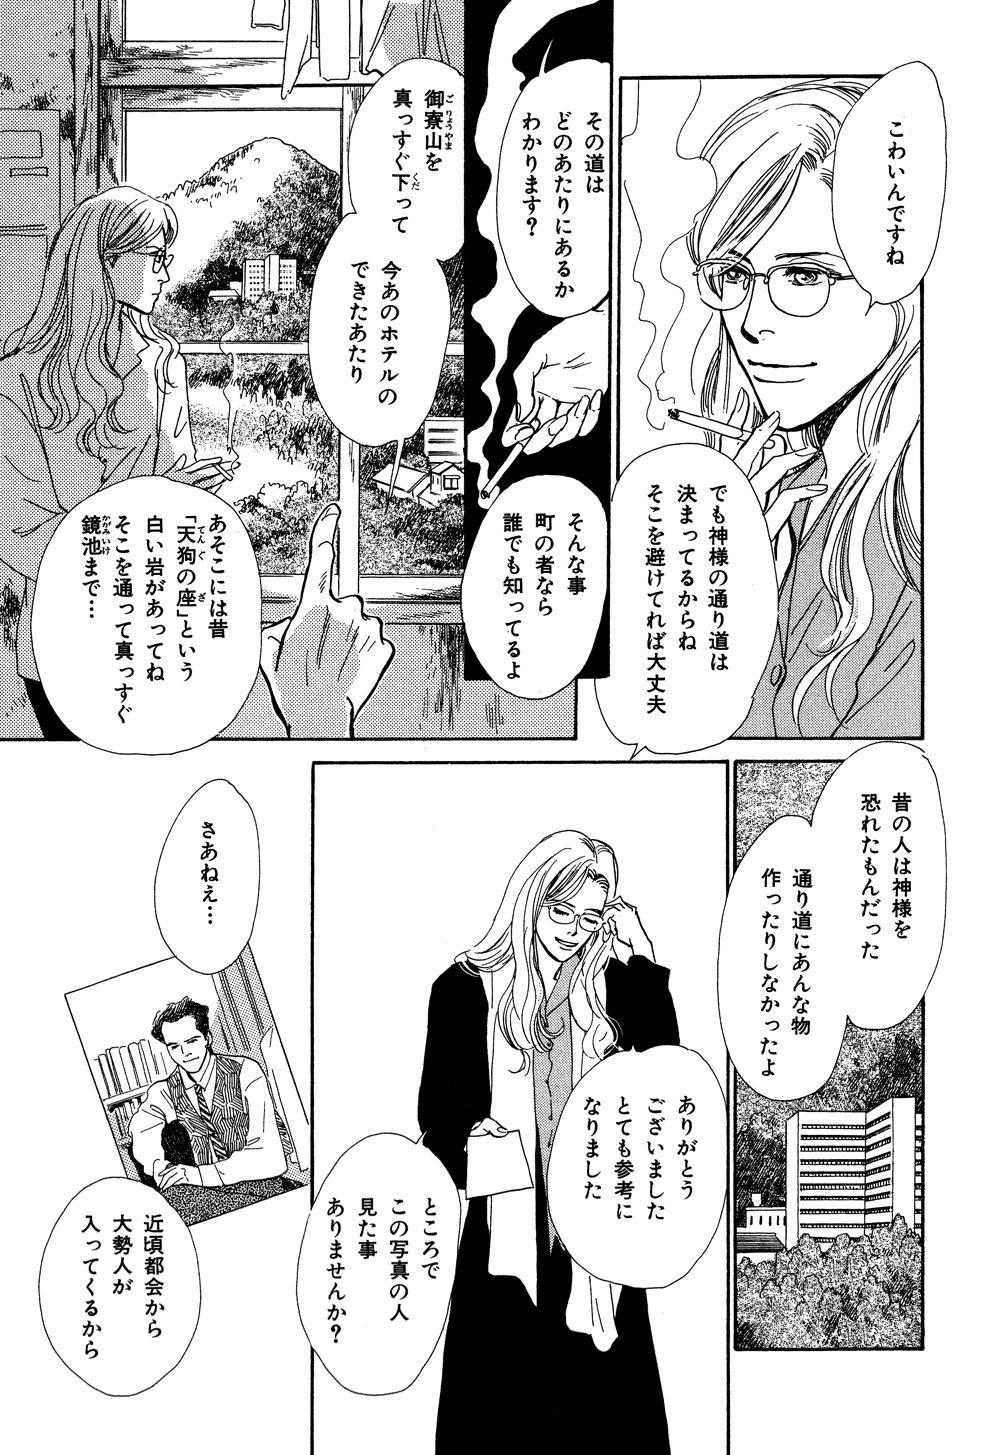 百鬼夜行抄_07_0019.jpg